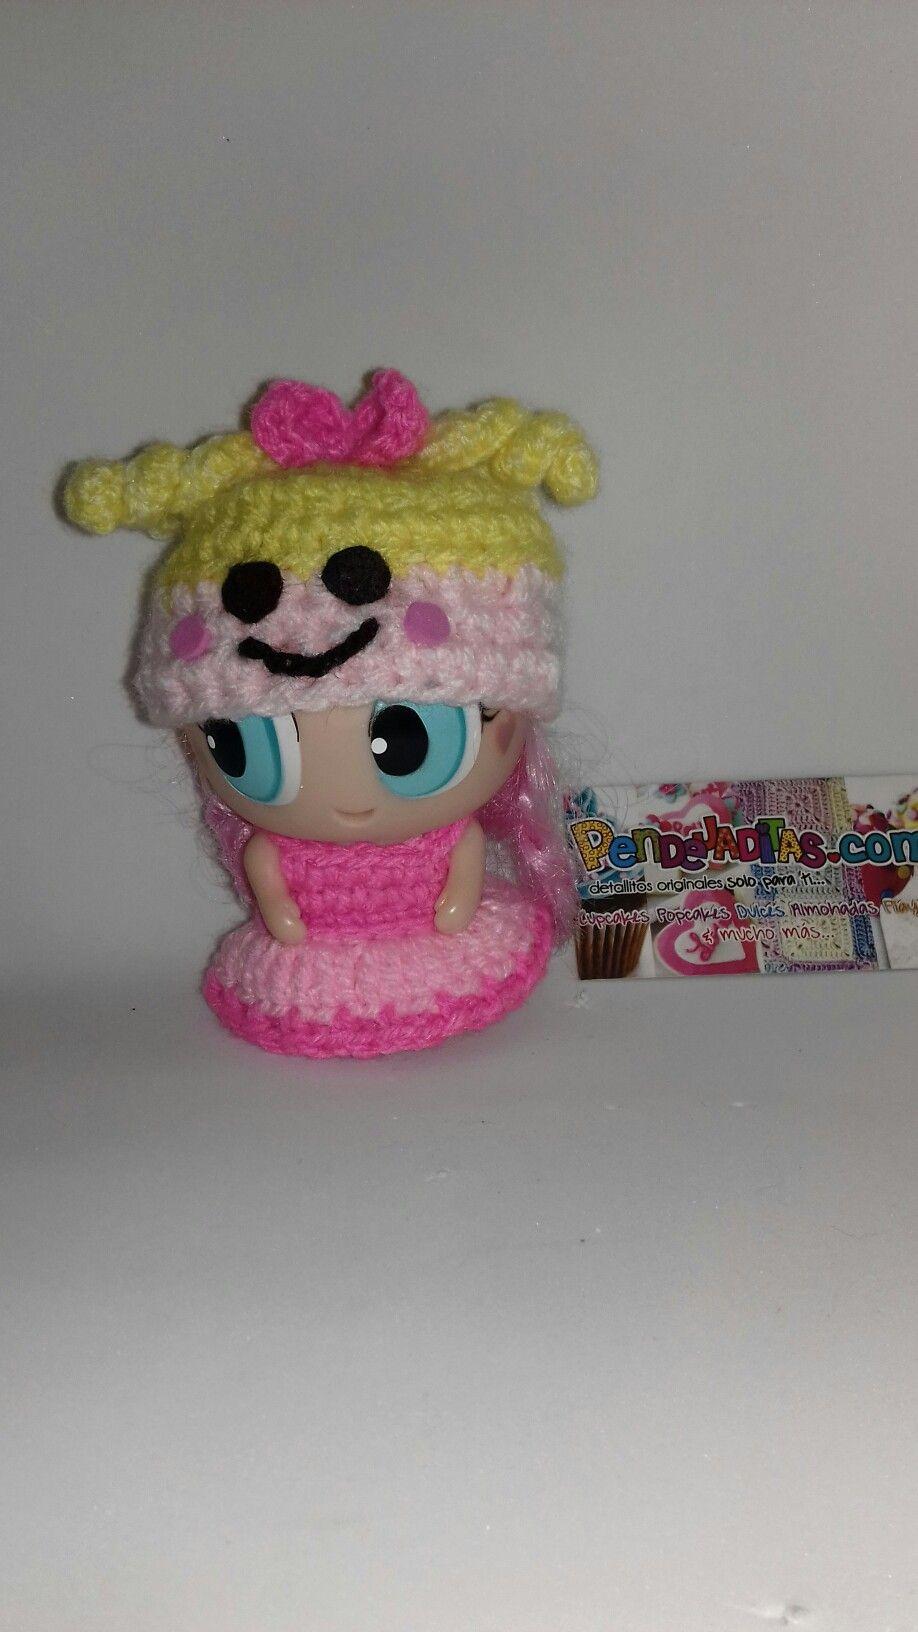 Original Vestido y Gorro en crochet para Ksi meritos